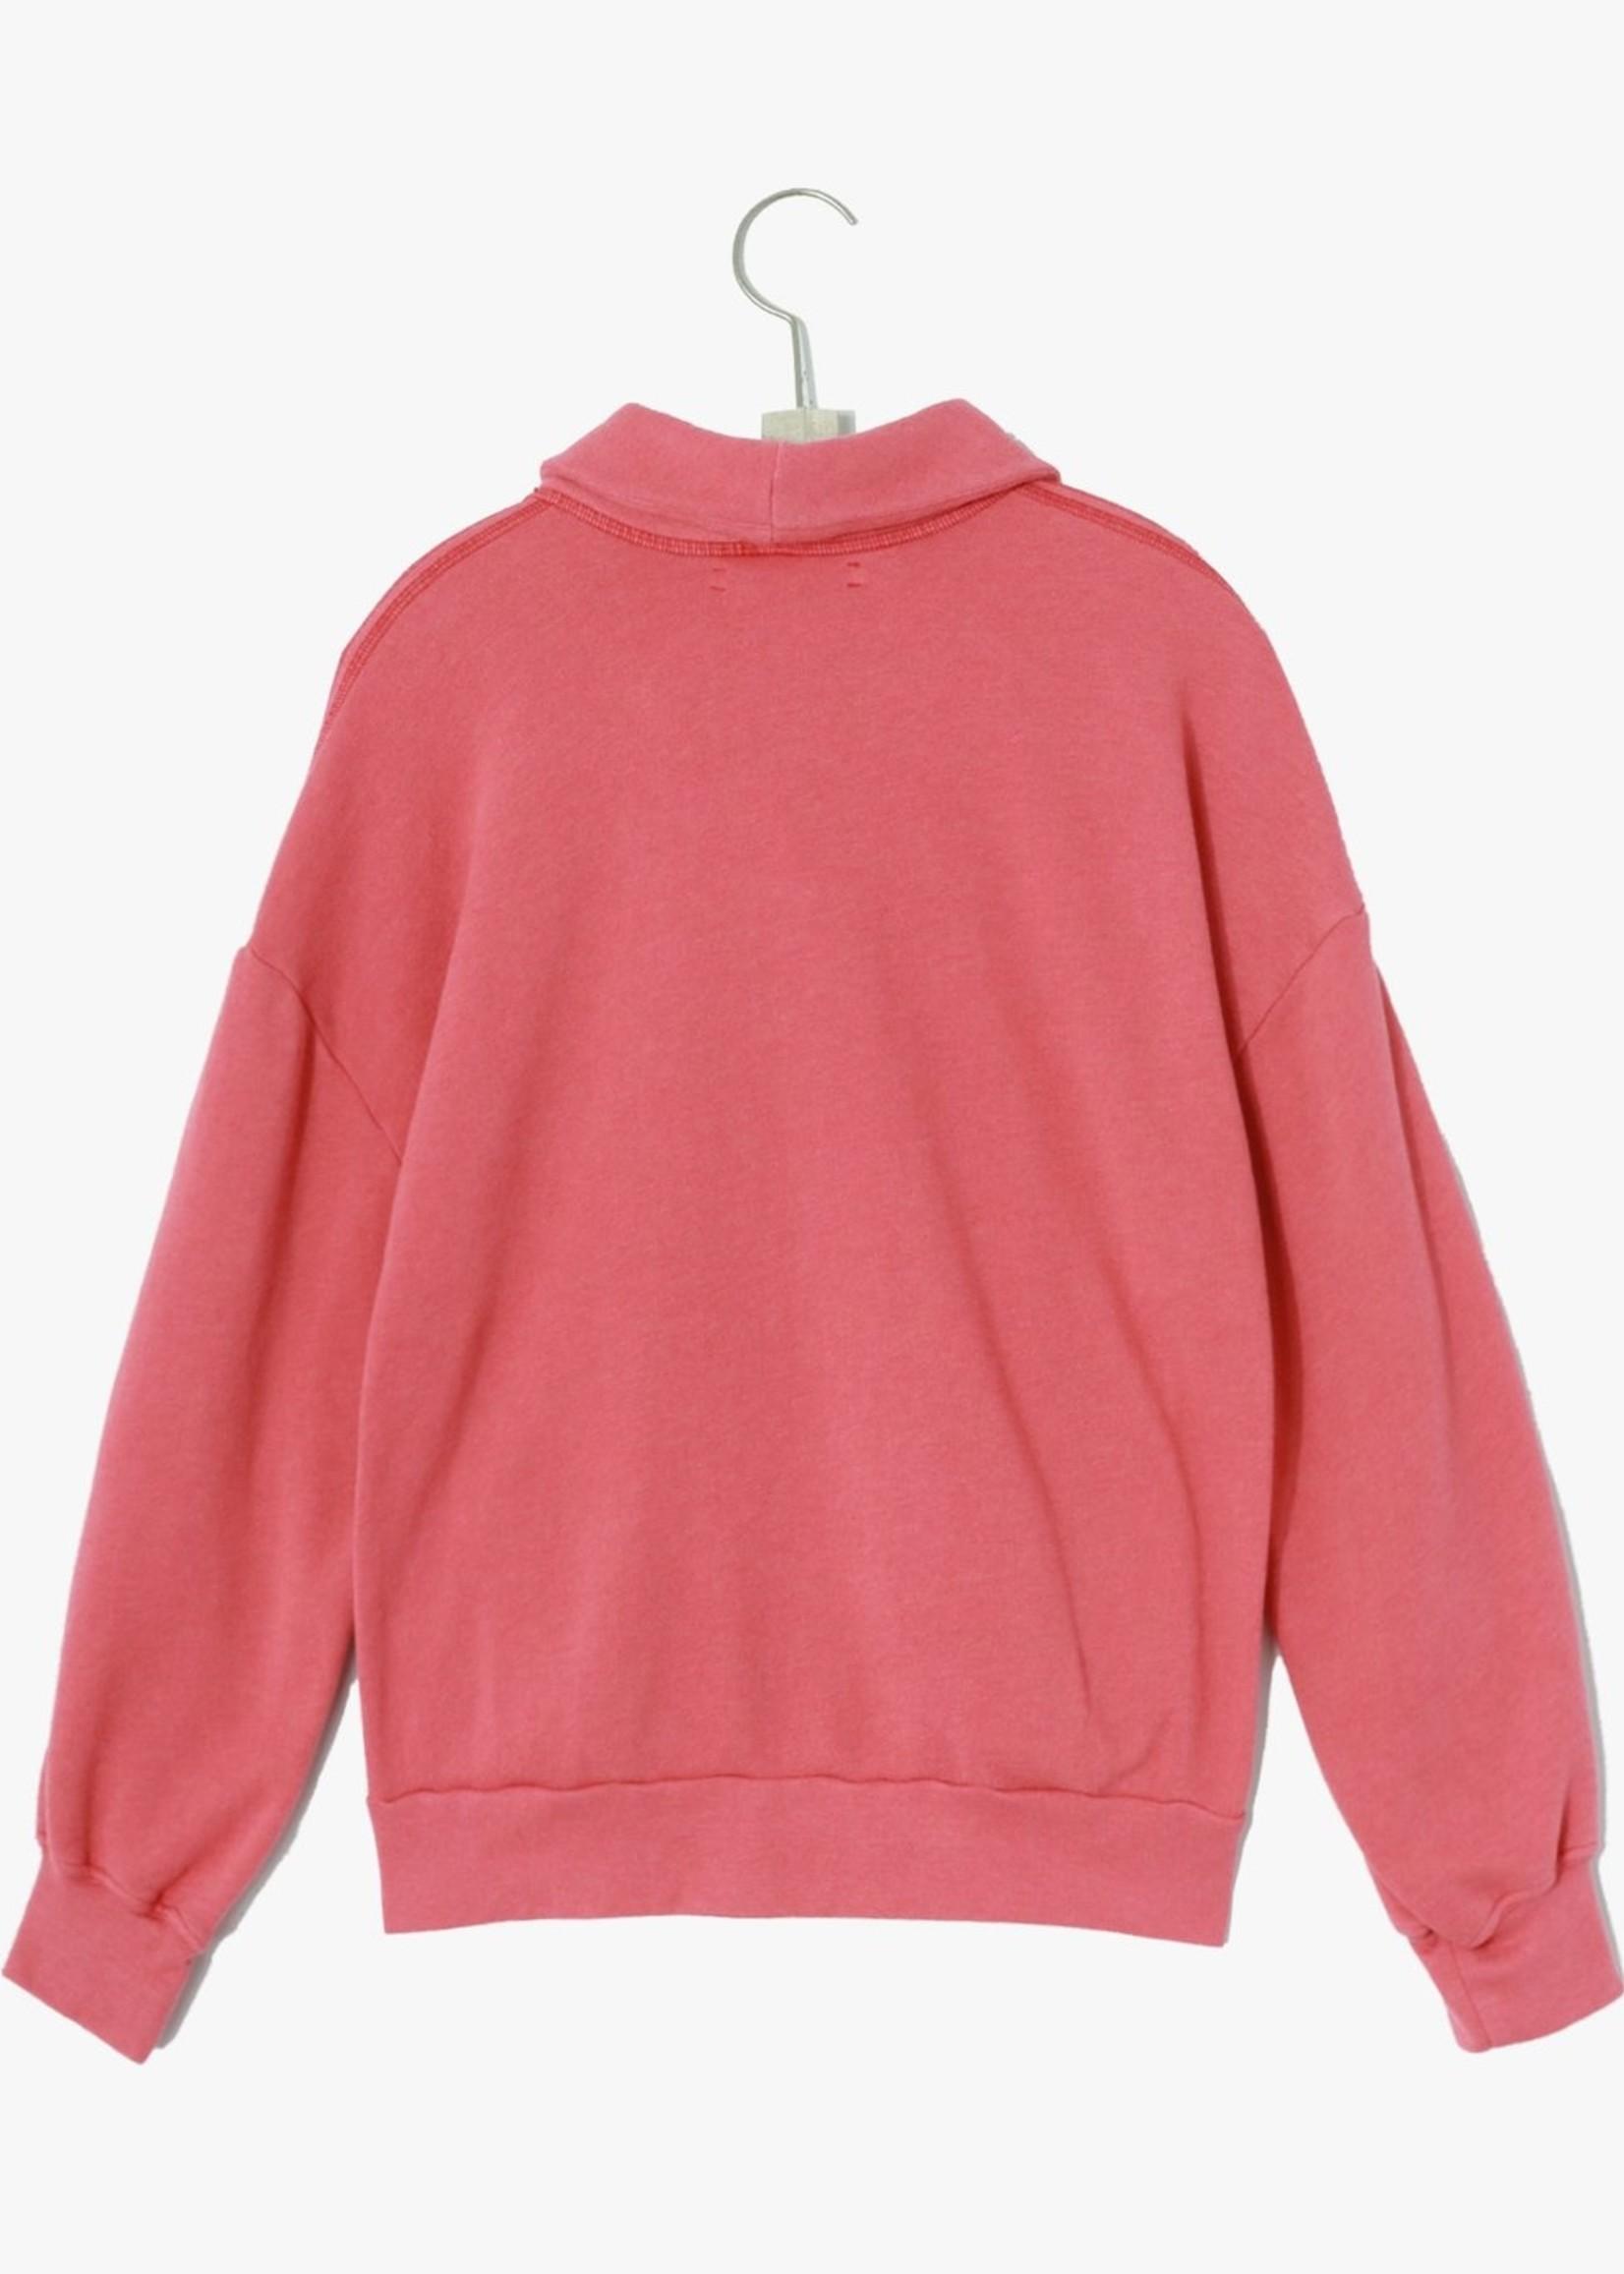 xirena xirena kass sweatshirt red